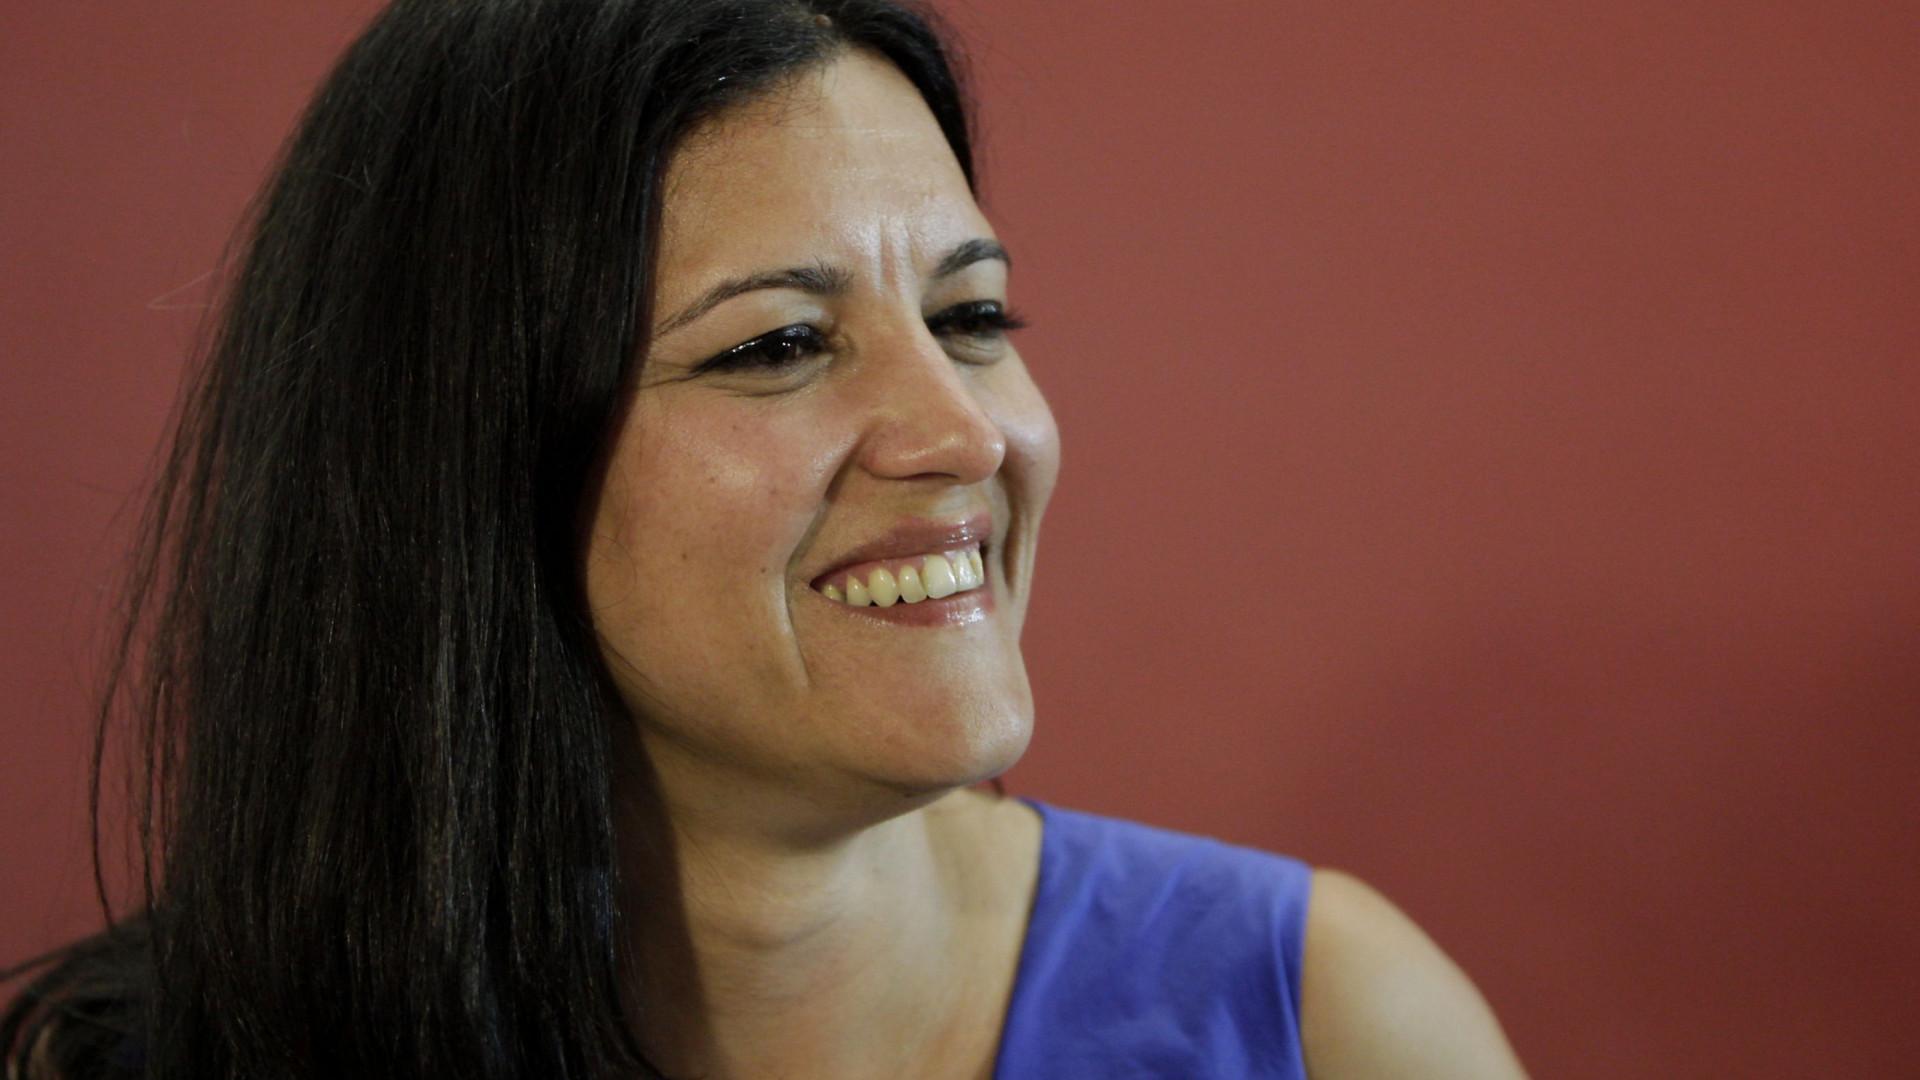 Marisa questiona Bruxelas sobre discriminação de alunos portugueses